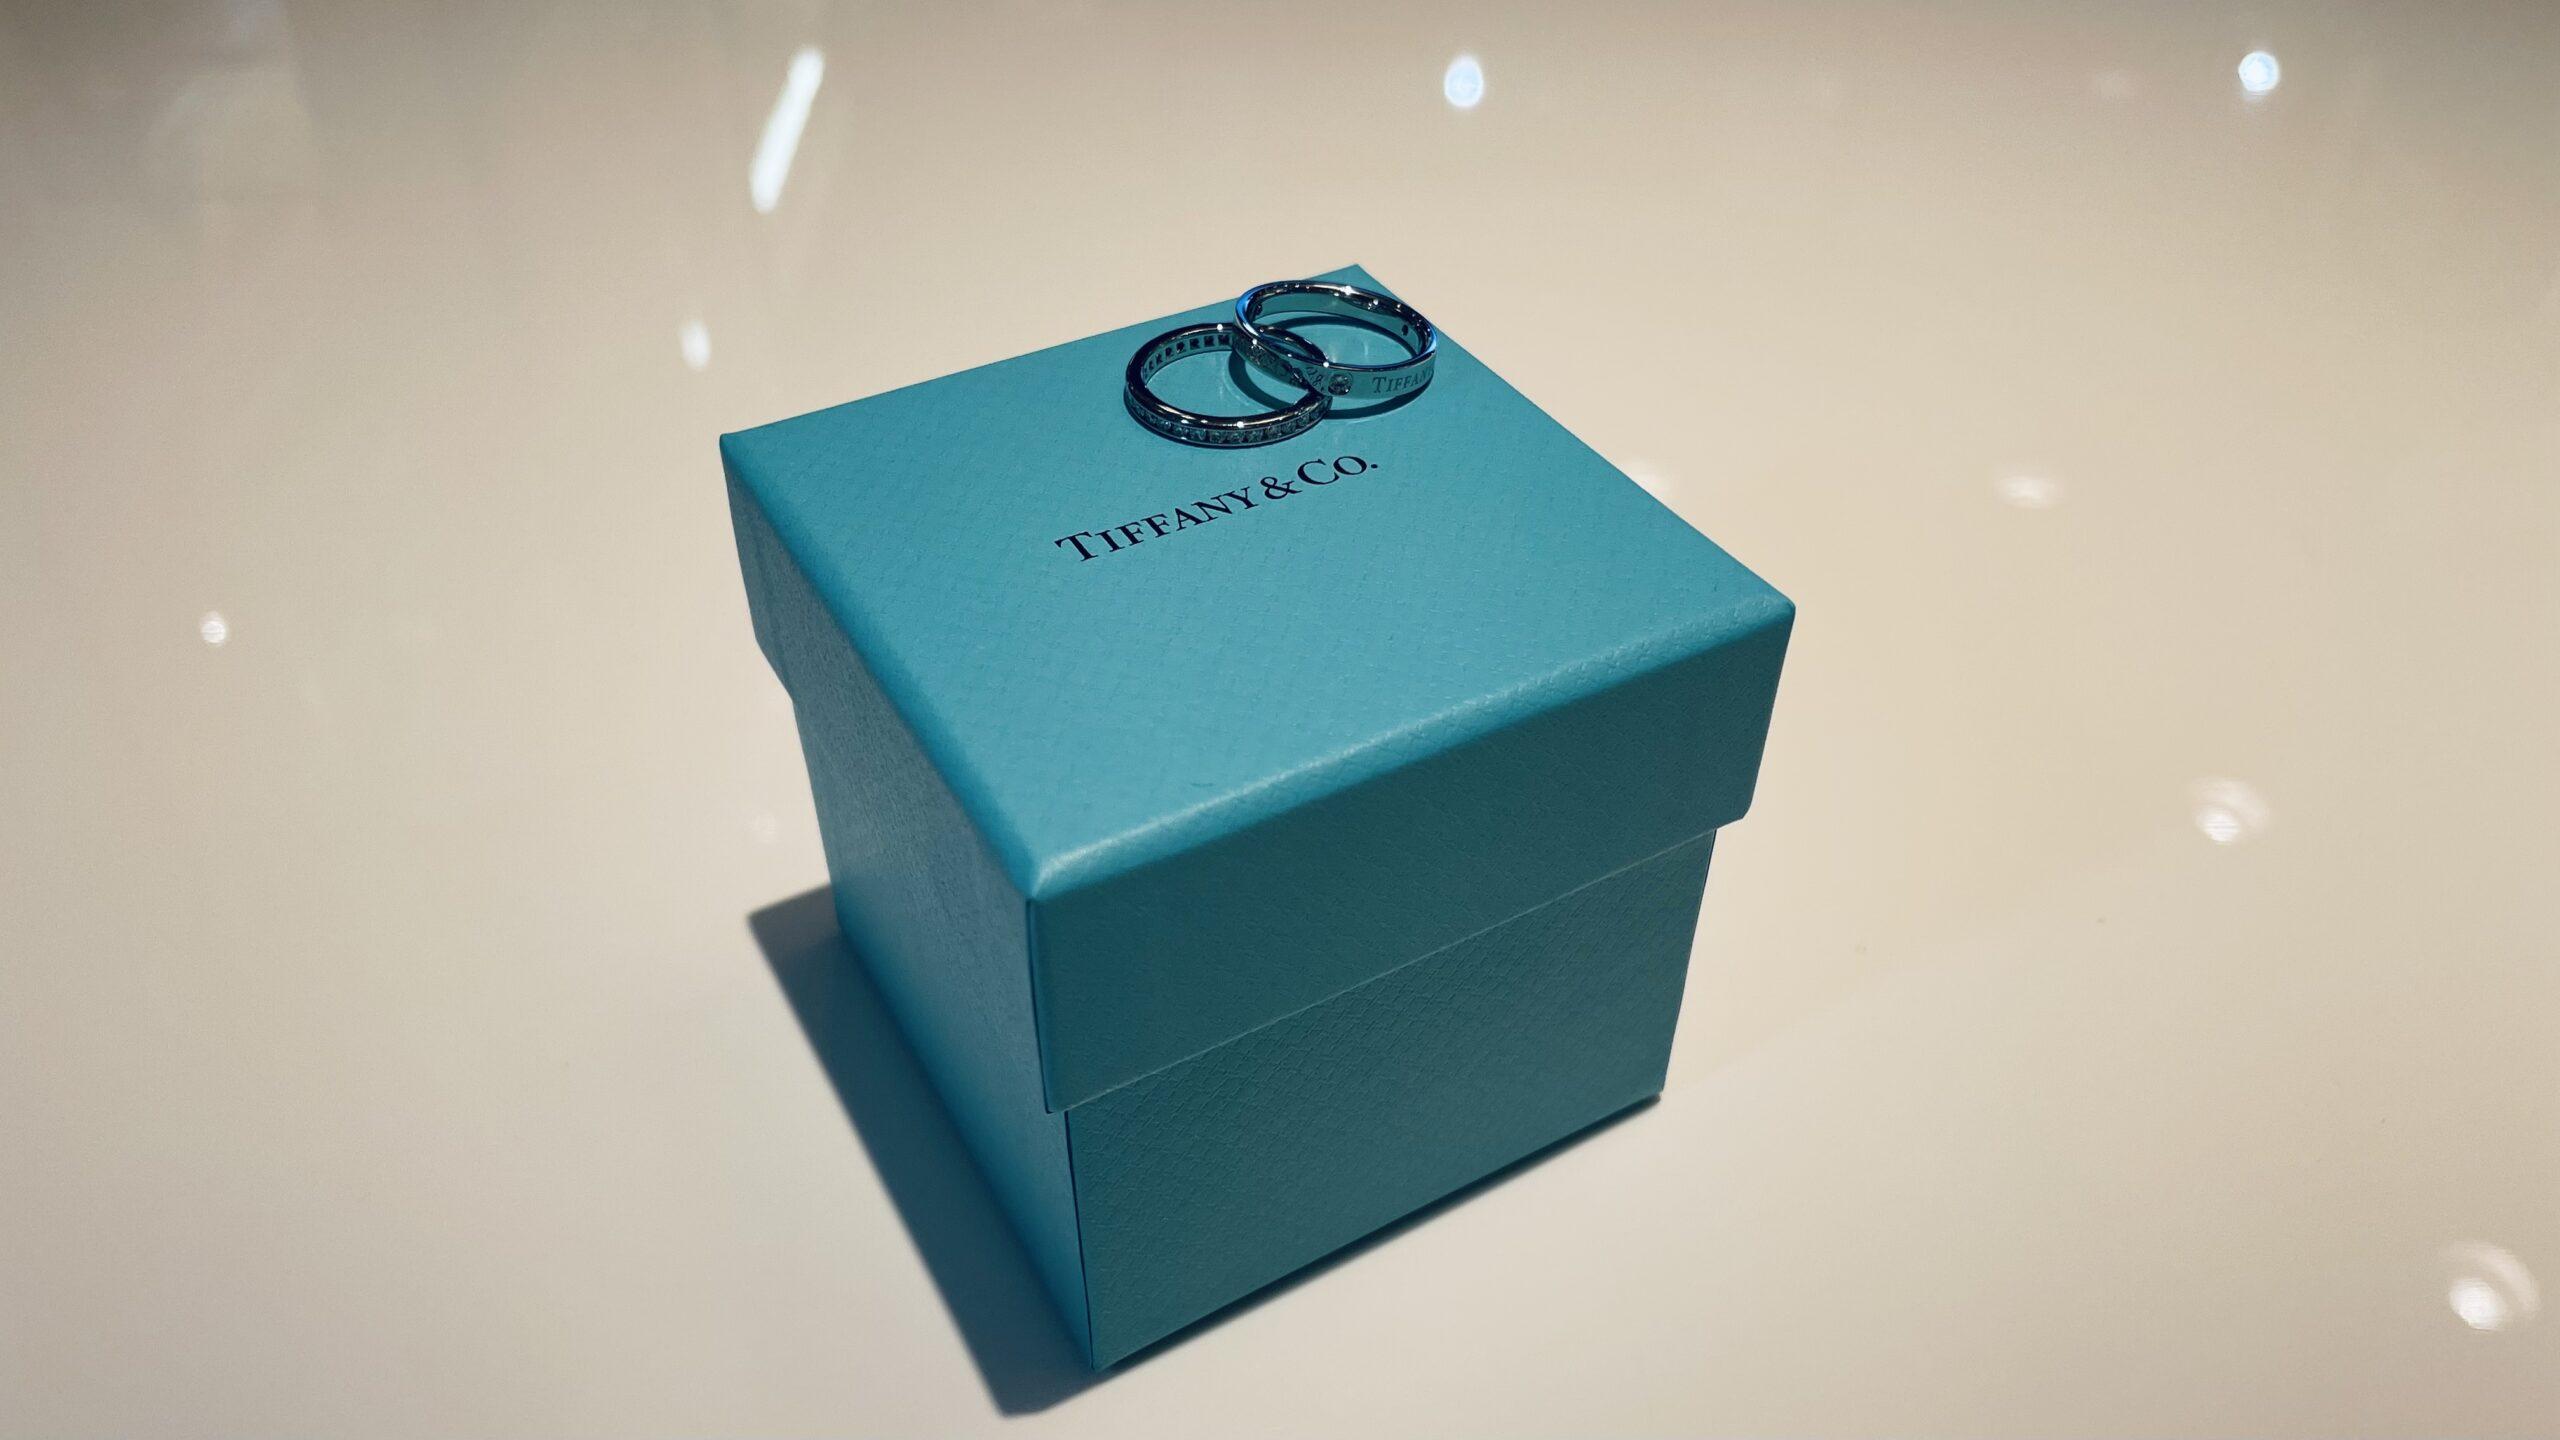 【買取速報】ダイヤモンド、指輪、PT950、Tiffany & Co.-2021-02-20